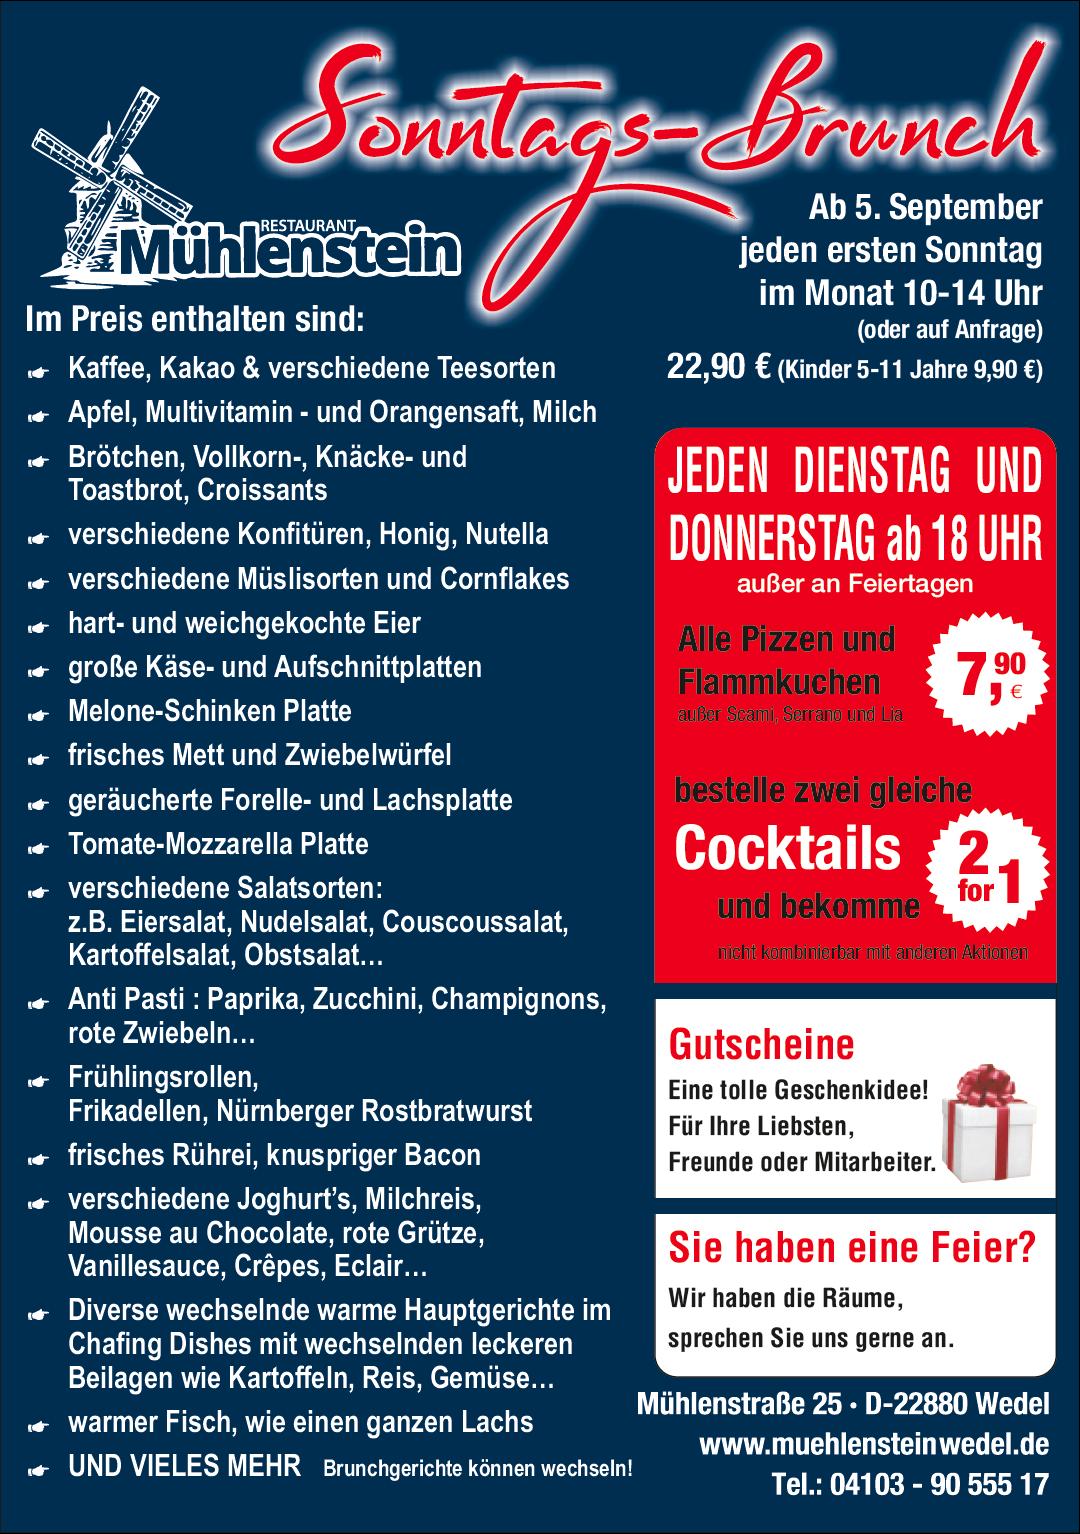 Restaurant-Wedel-Mühlenstein-Burger-Pizza-Brunch-Sonntags-Brunch